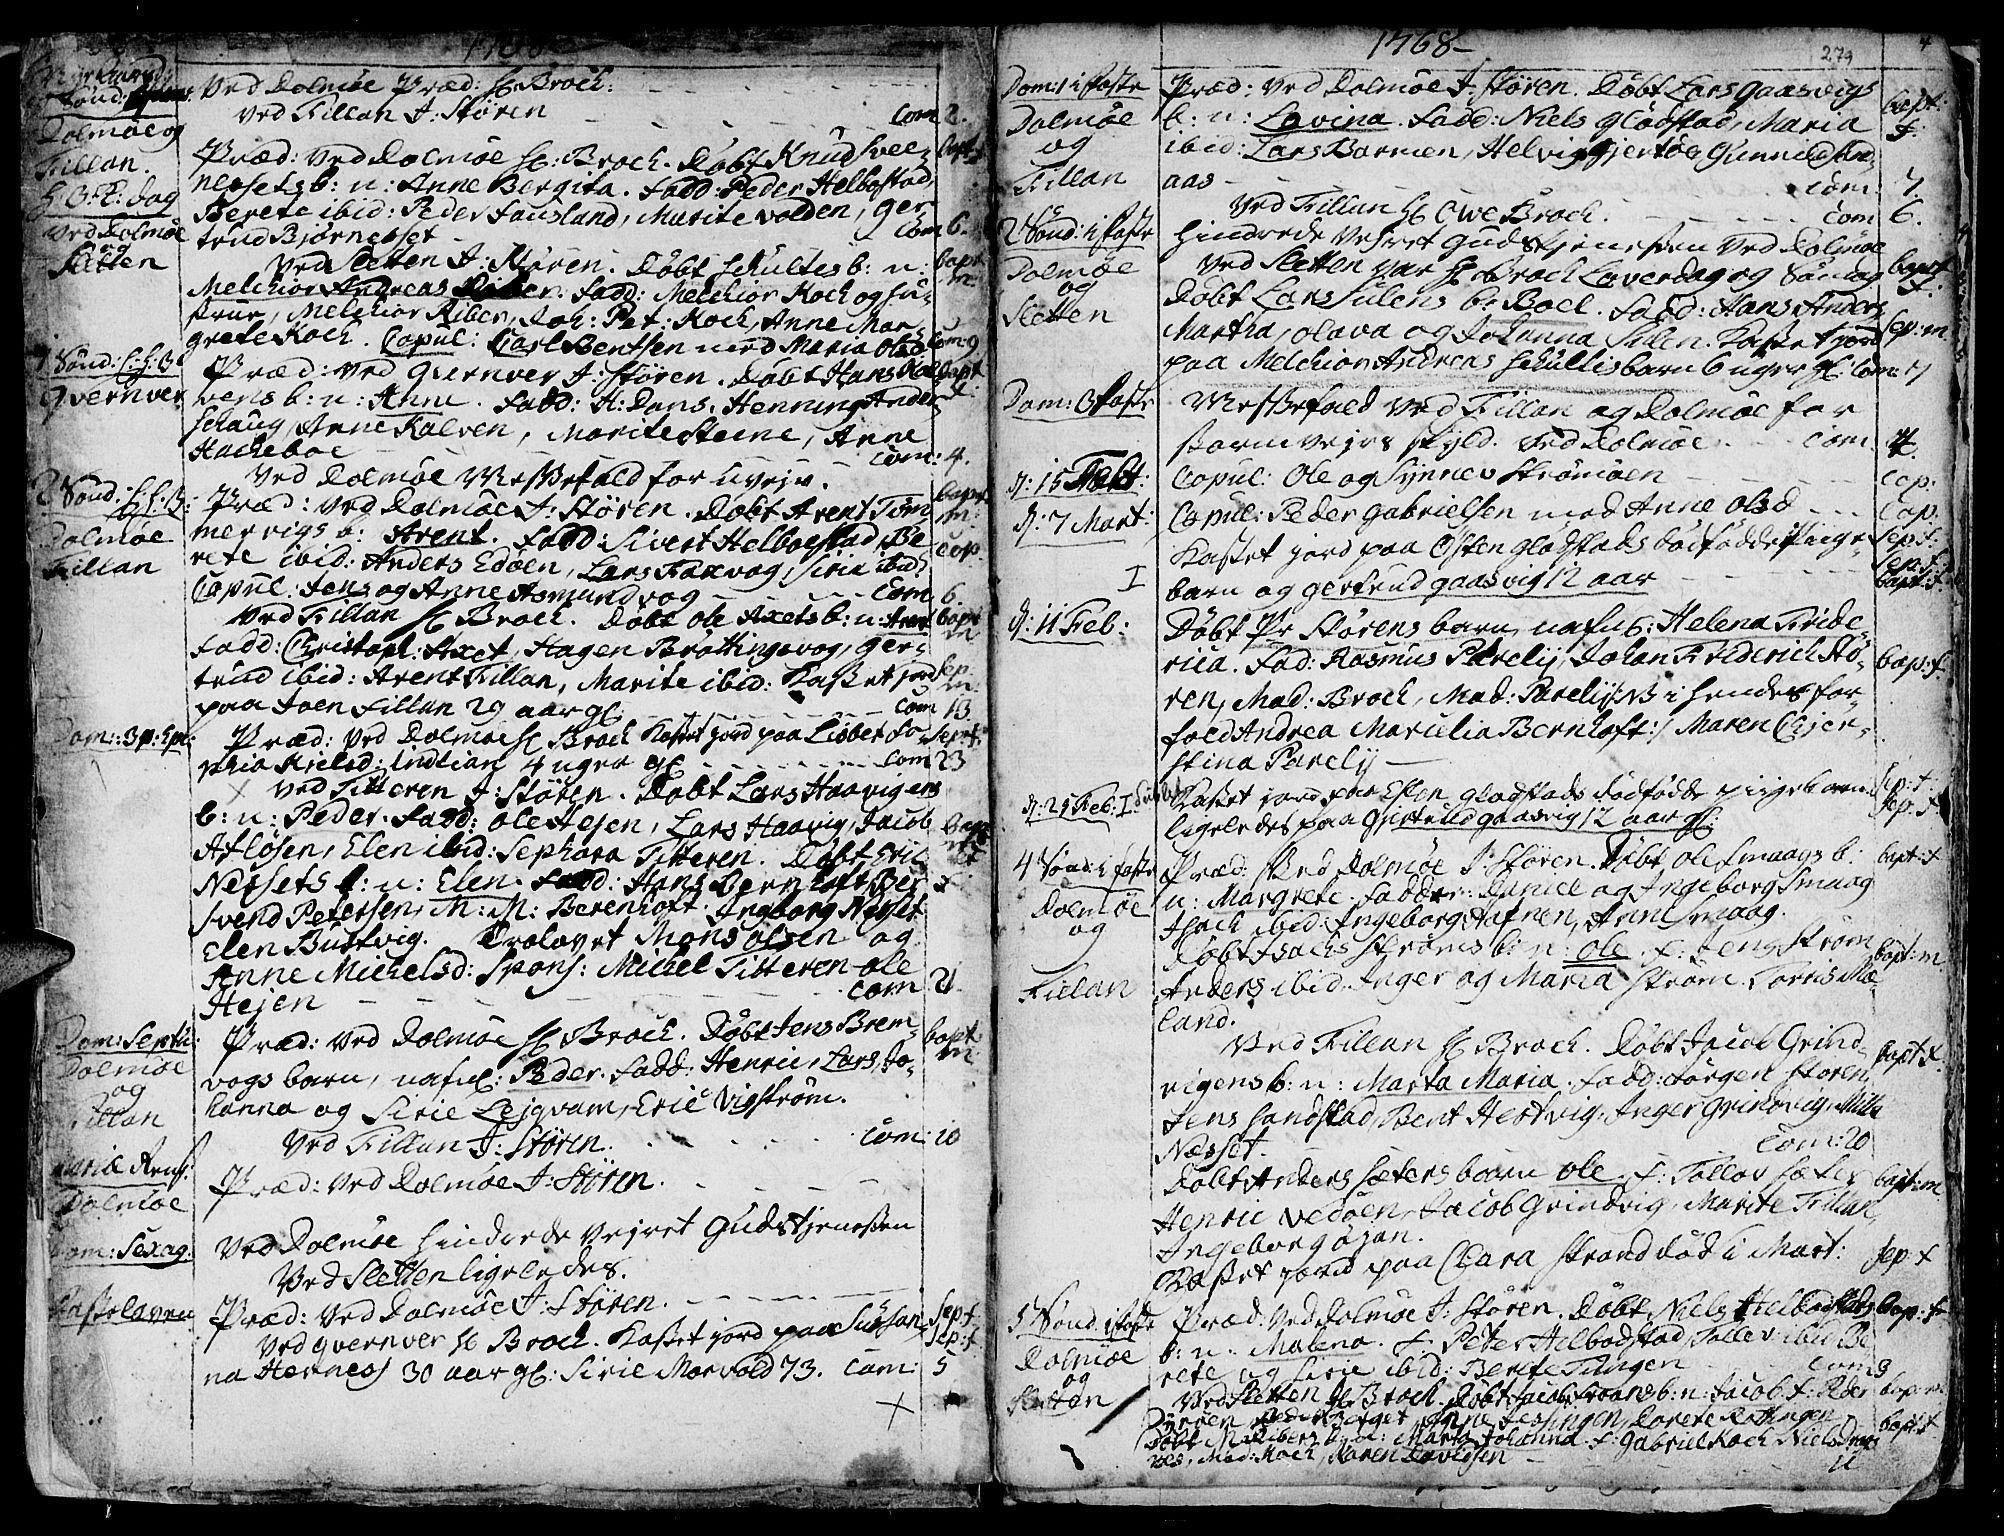 SAT, Ministerialprotokoller, klokkerbøker og fødselsregistre - Sør-Trøndelag, 634/L0525: Ministerialbok nr. 634A01, 1736-1775, s. 279